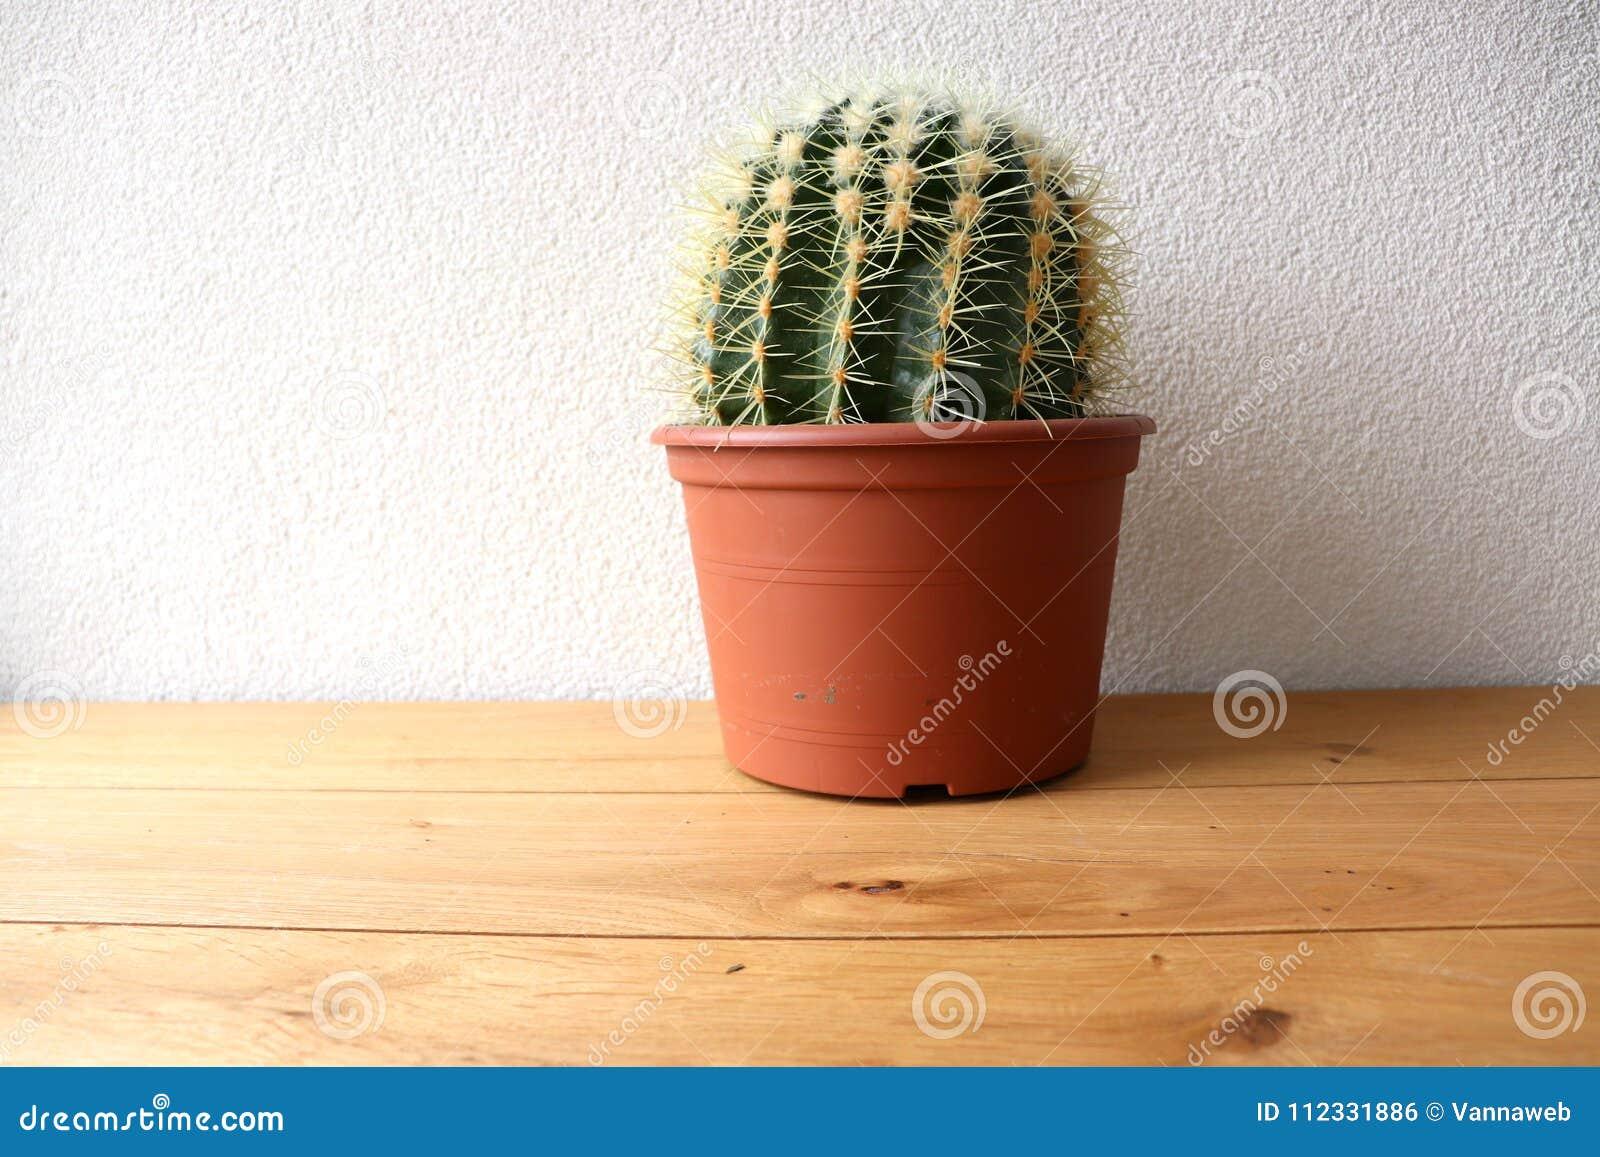 Cactus sur une table en bois